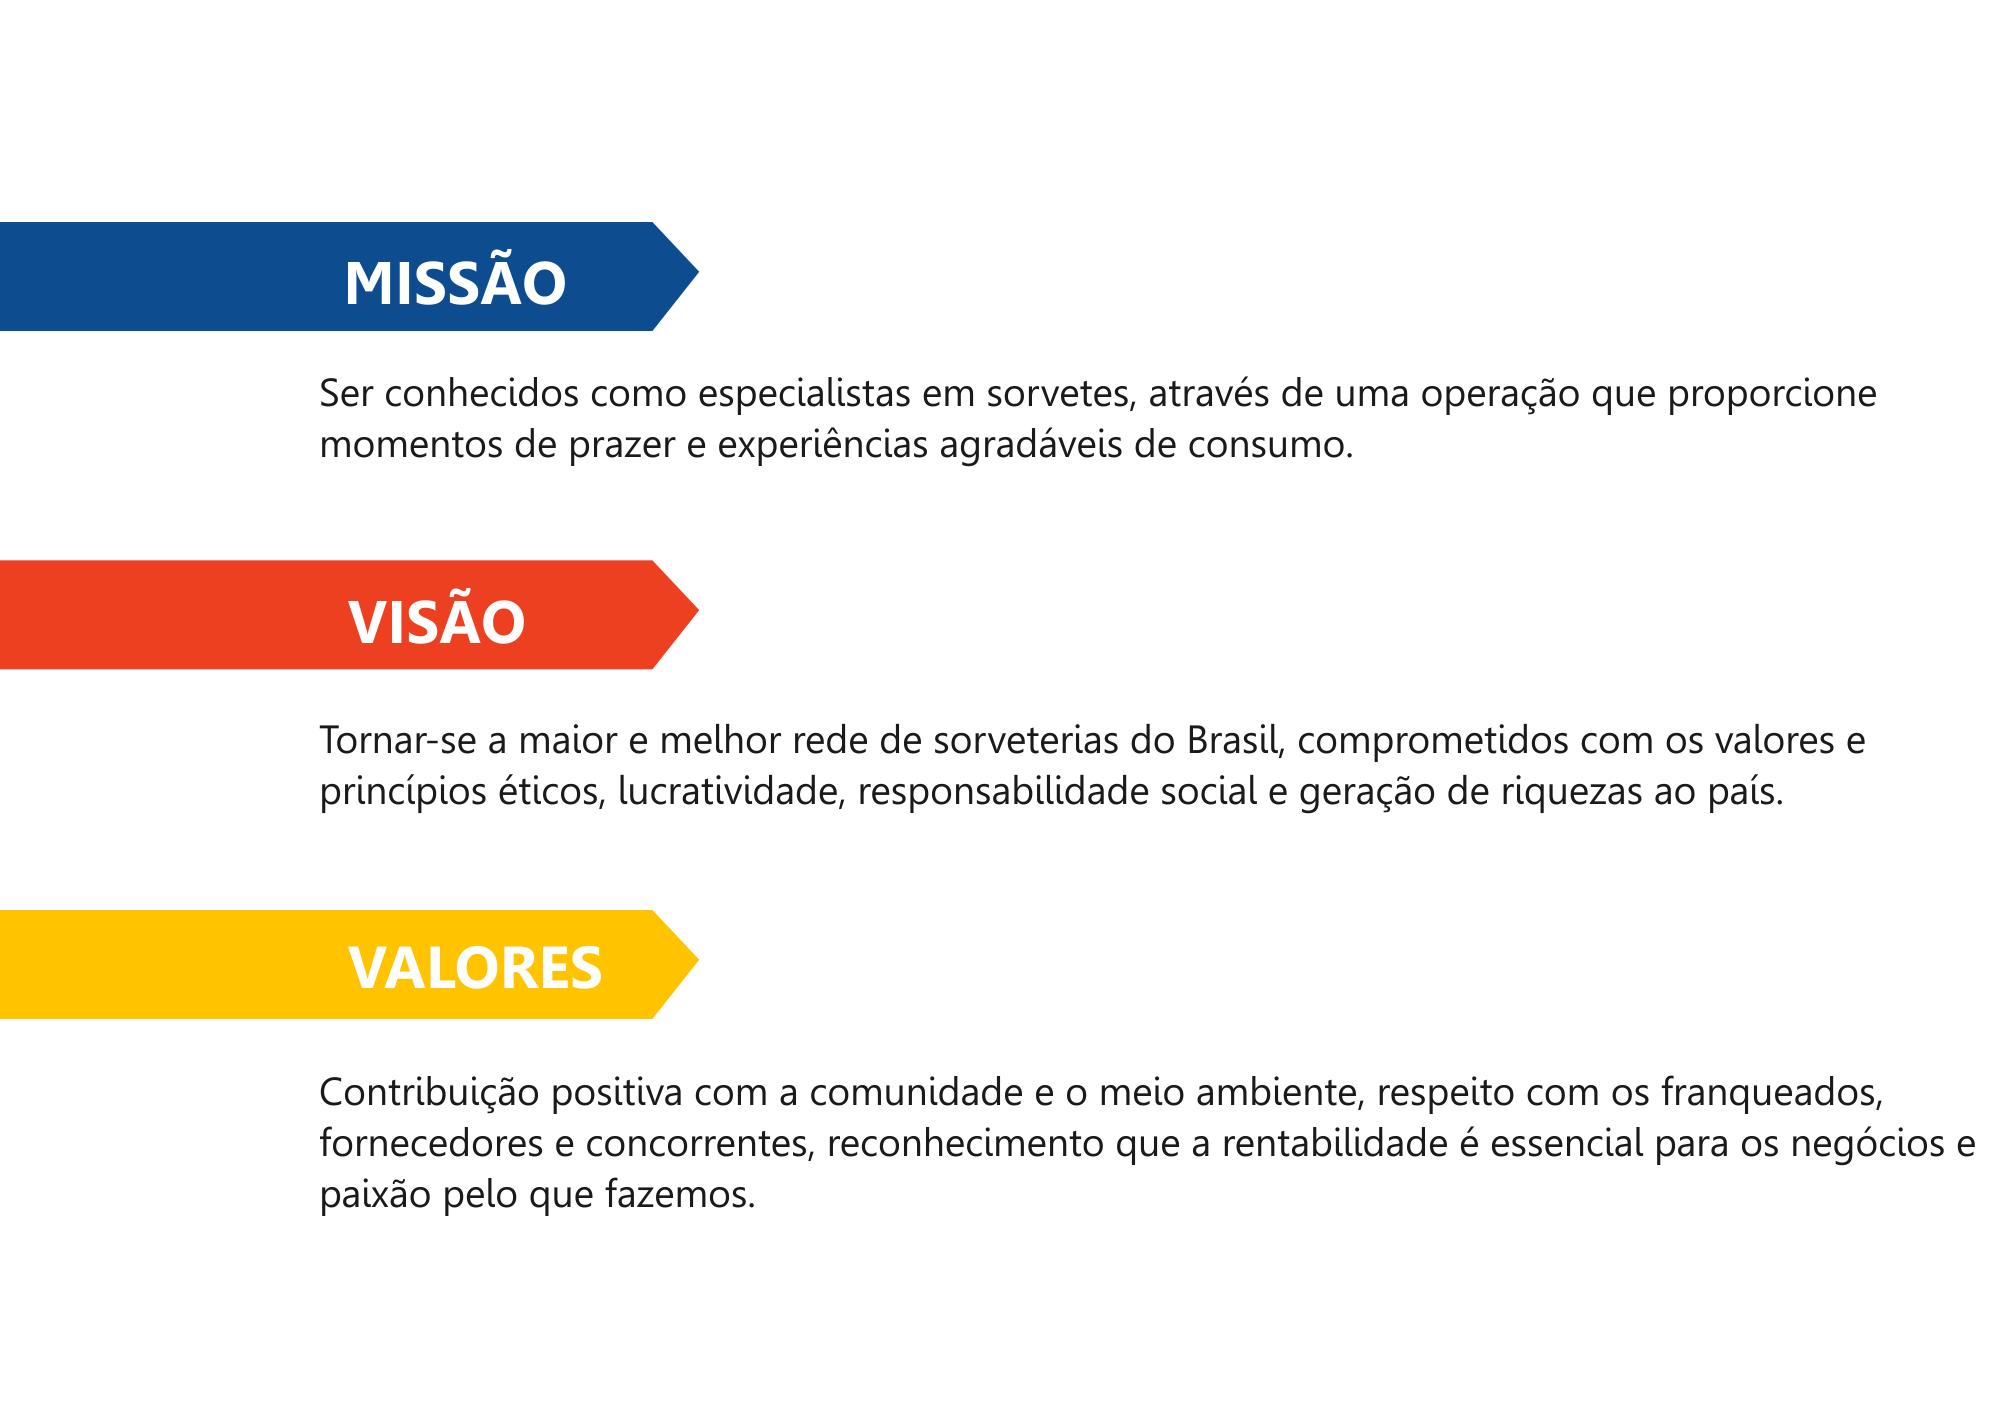 MISSÃO, VISÃO E VALORES - ICEMELLOW